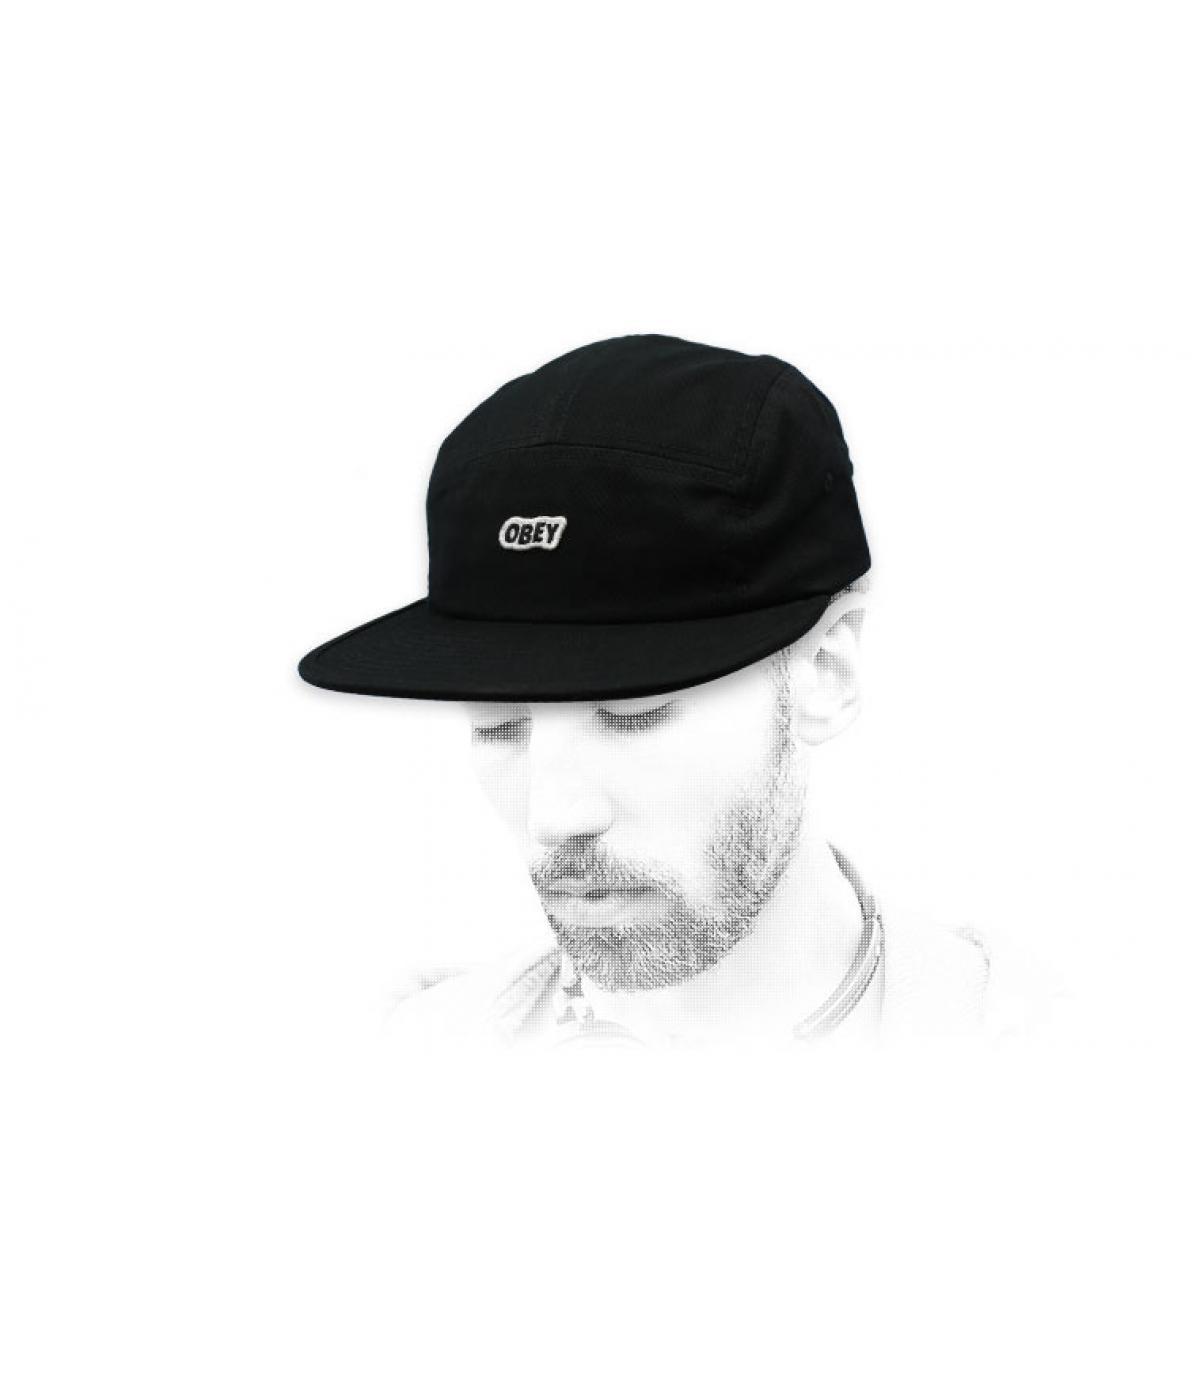 Obey pannello 5 con cappuccio nero